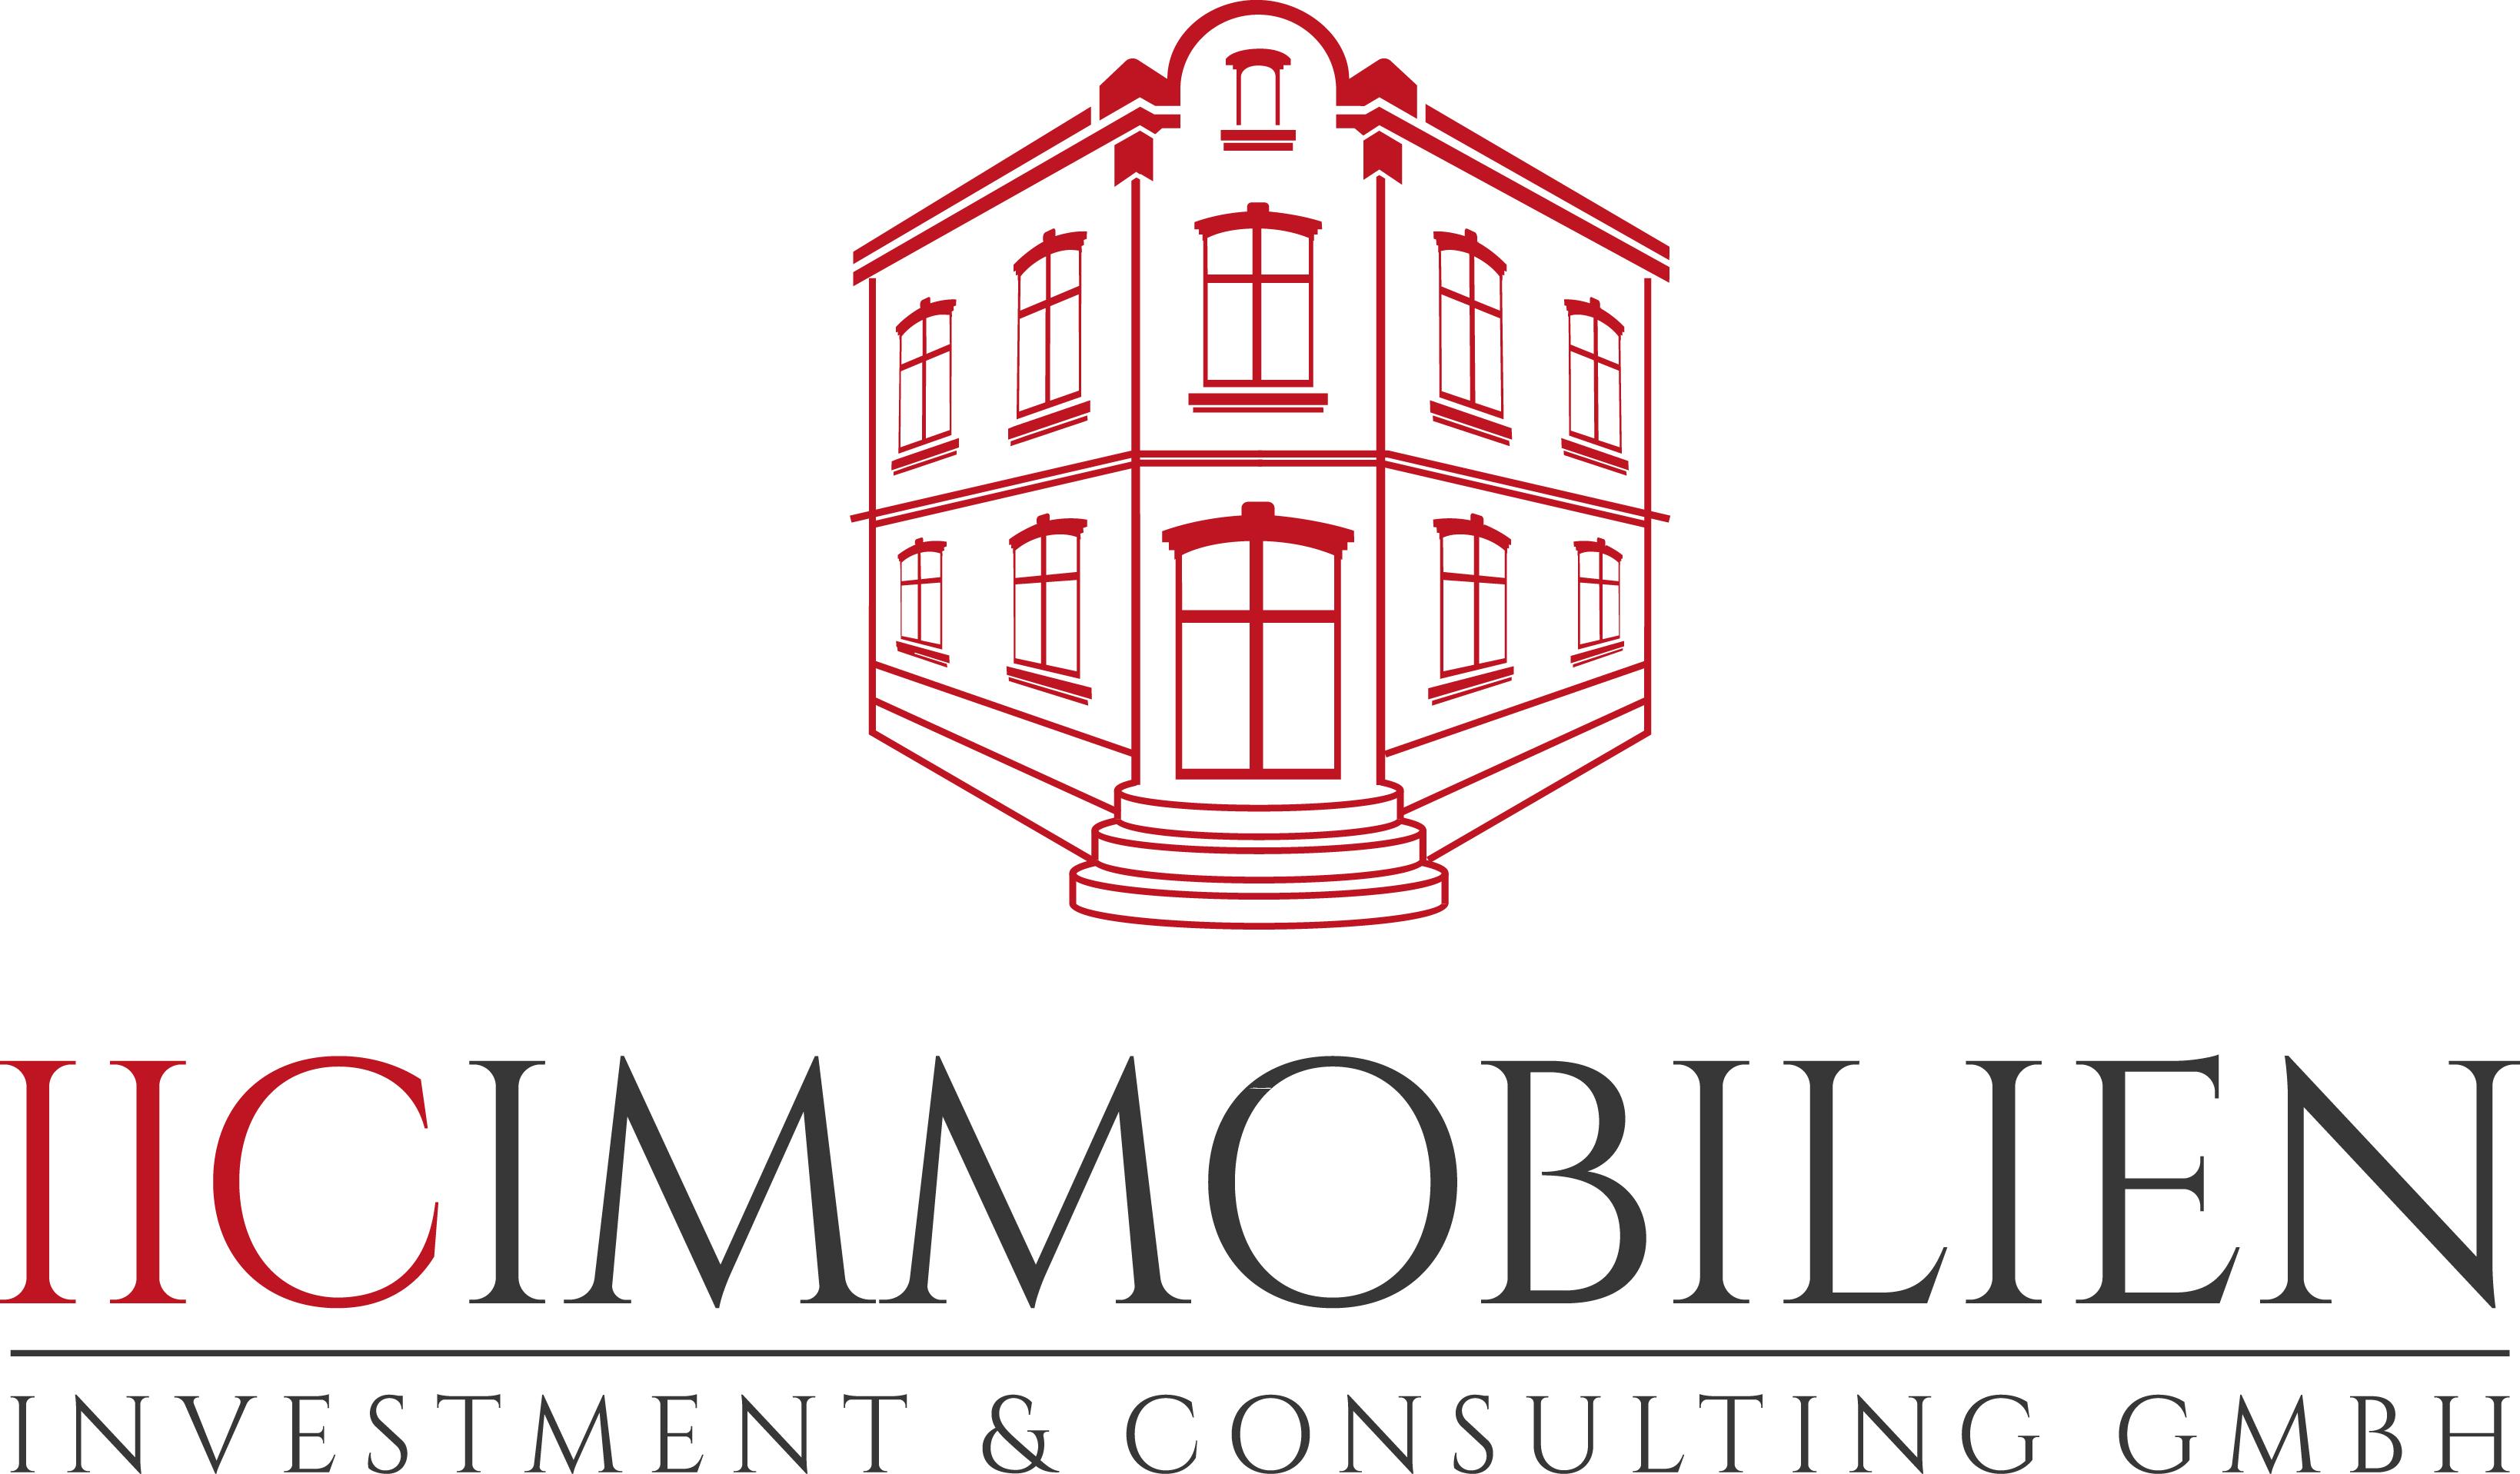 Hier sehen Sie das Logo von IIC Immobilien Investment & Consulting GmbH